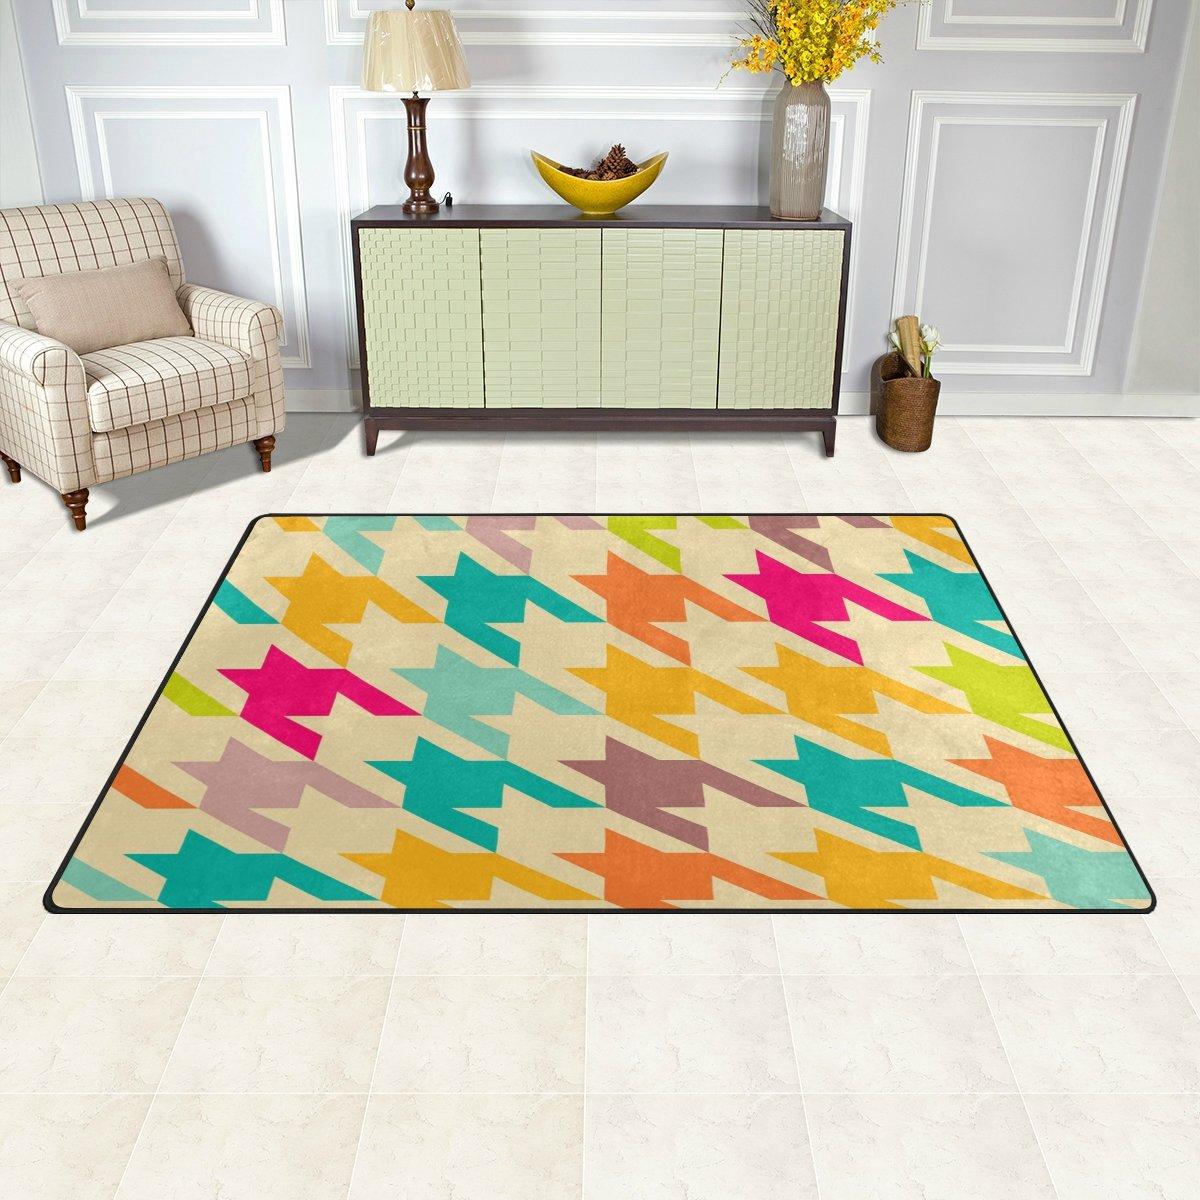 Kess InHouse Julia Grifol My Butterflies /& Flowers in Brown Rainbow Floral Decorative Door 2 x 3 Floor Mat